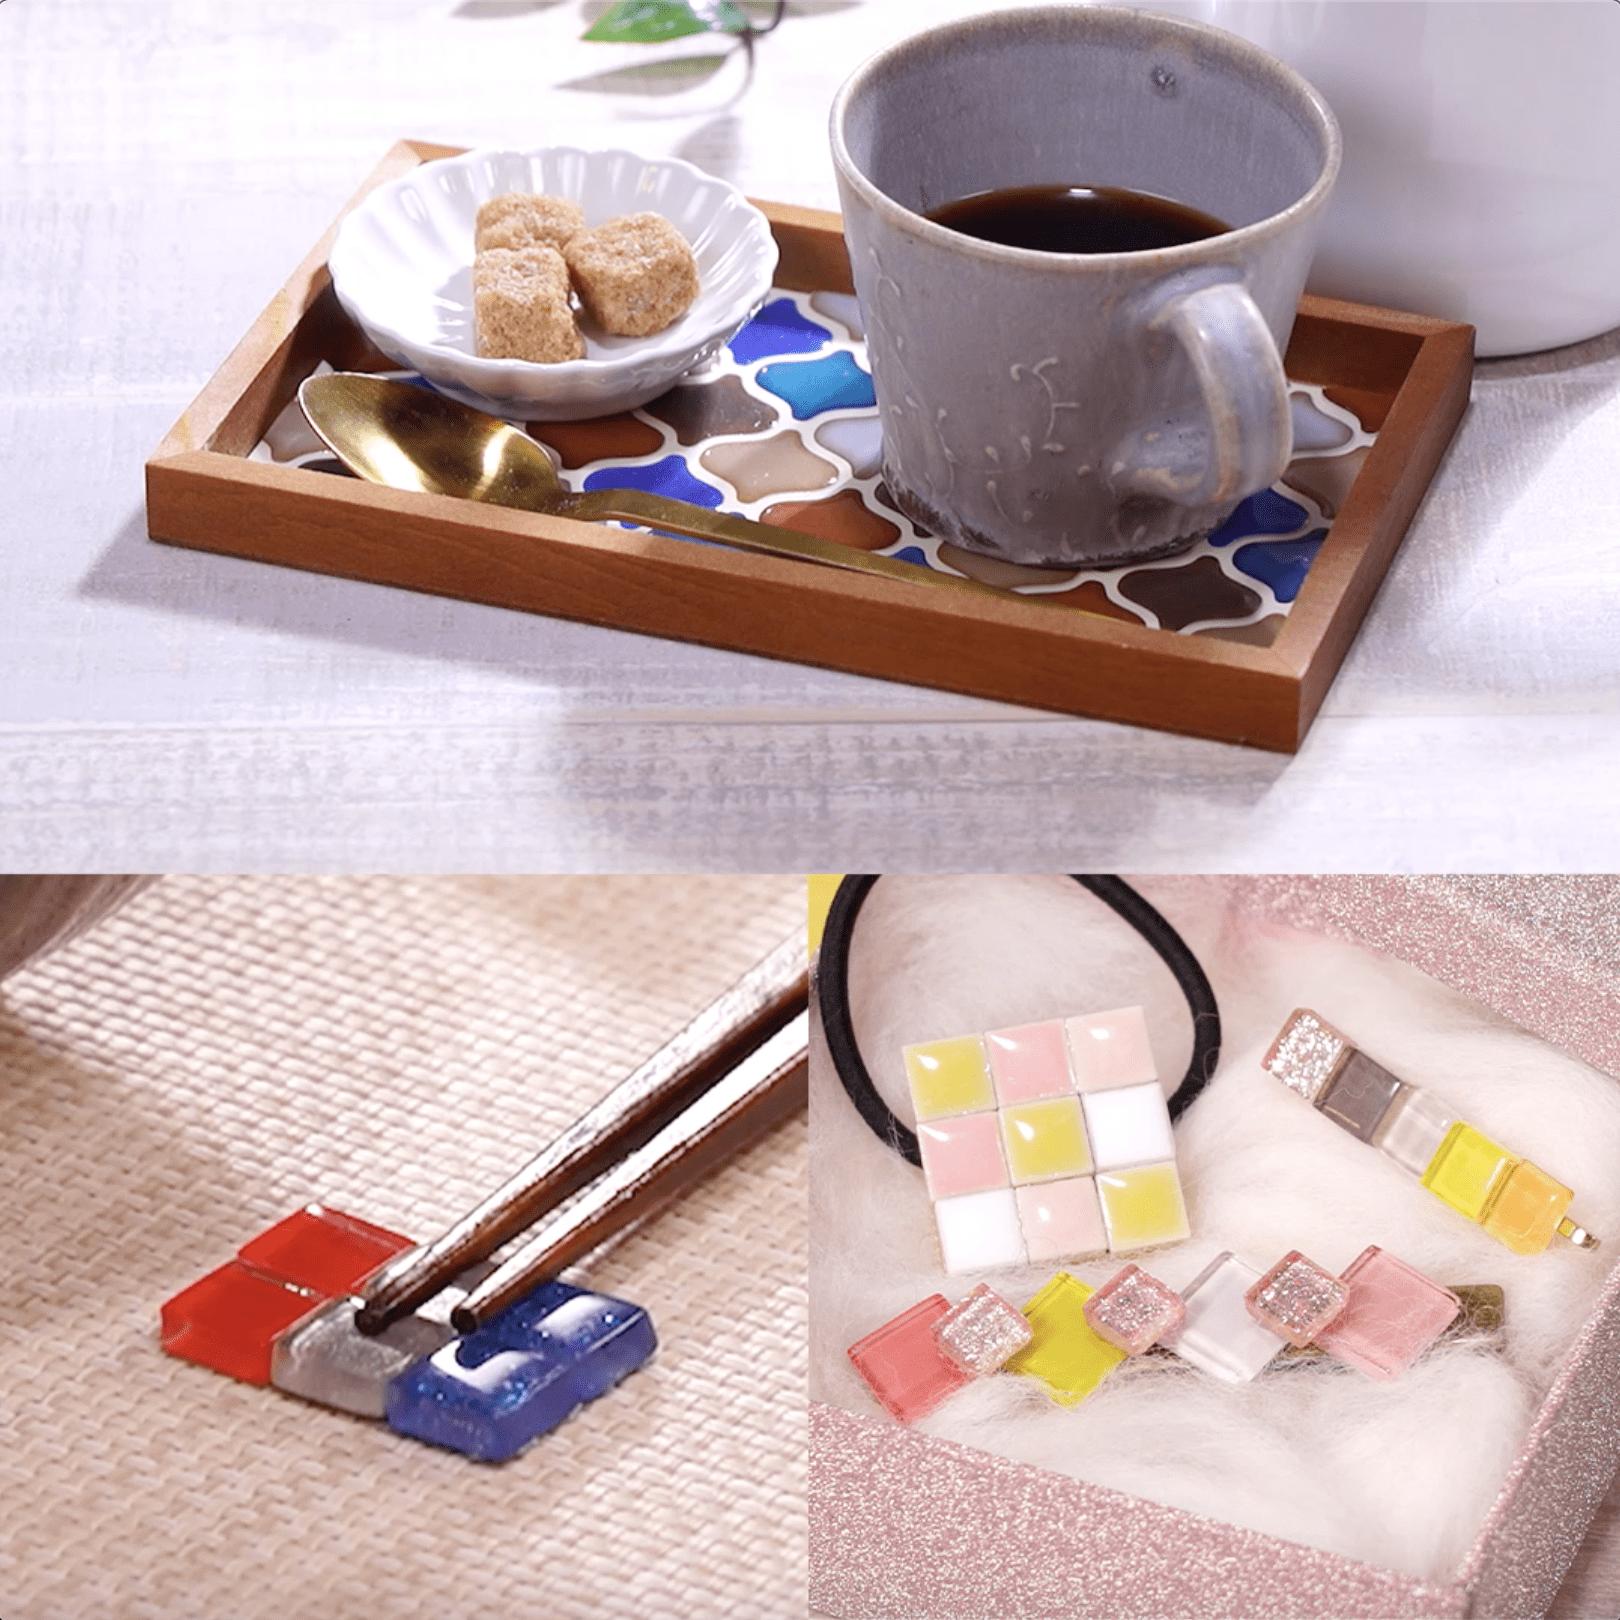 タイルを使って簡単DIYにチャレンジ。かわいい小物を作ろう